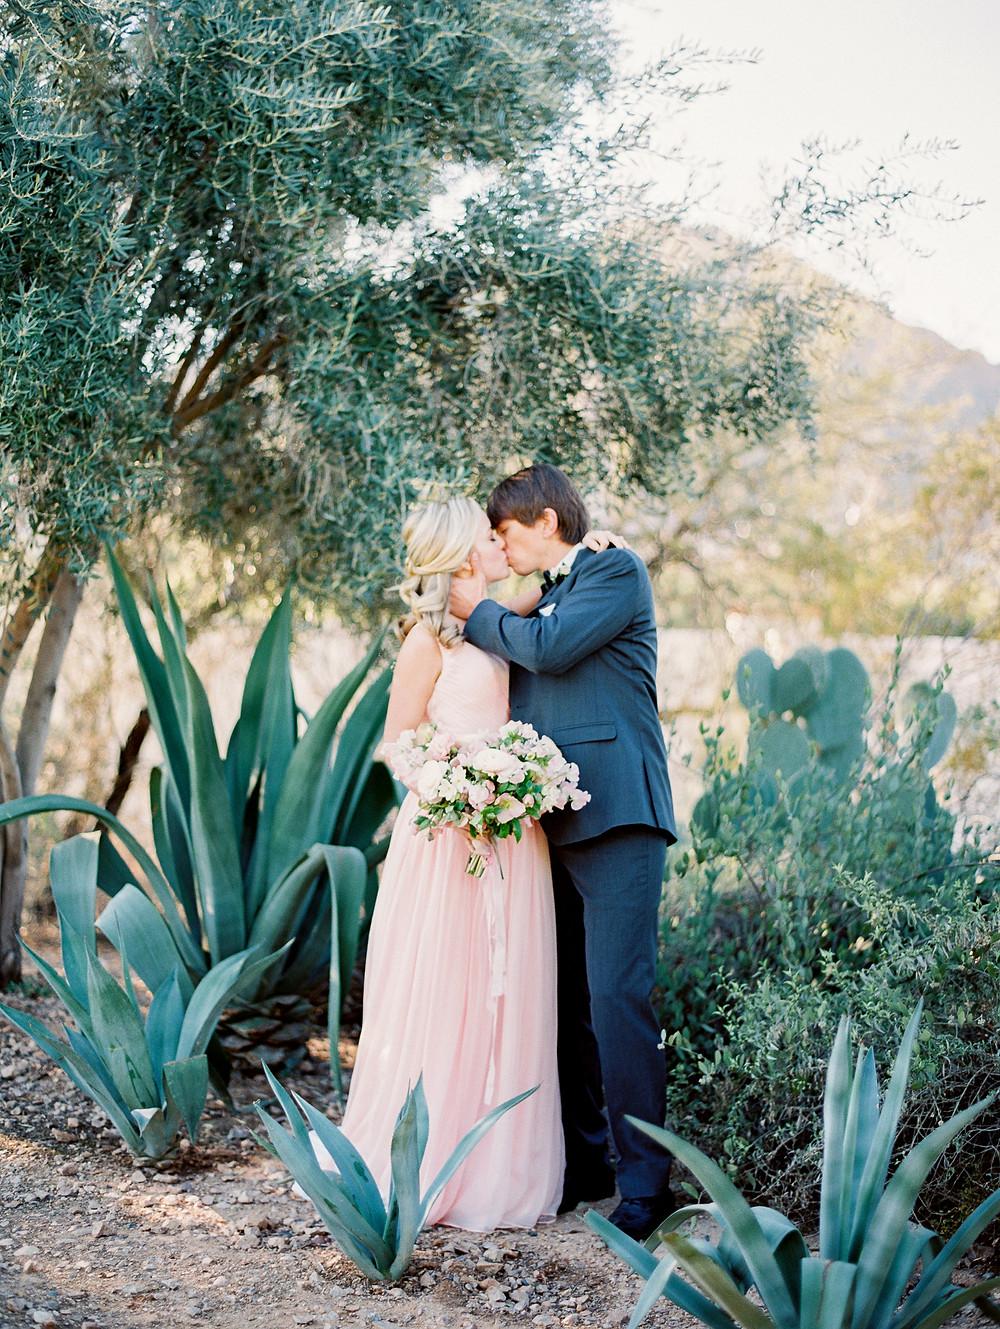 Scottsdale Wedding Photographer | Elyse Hall